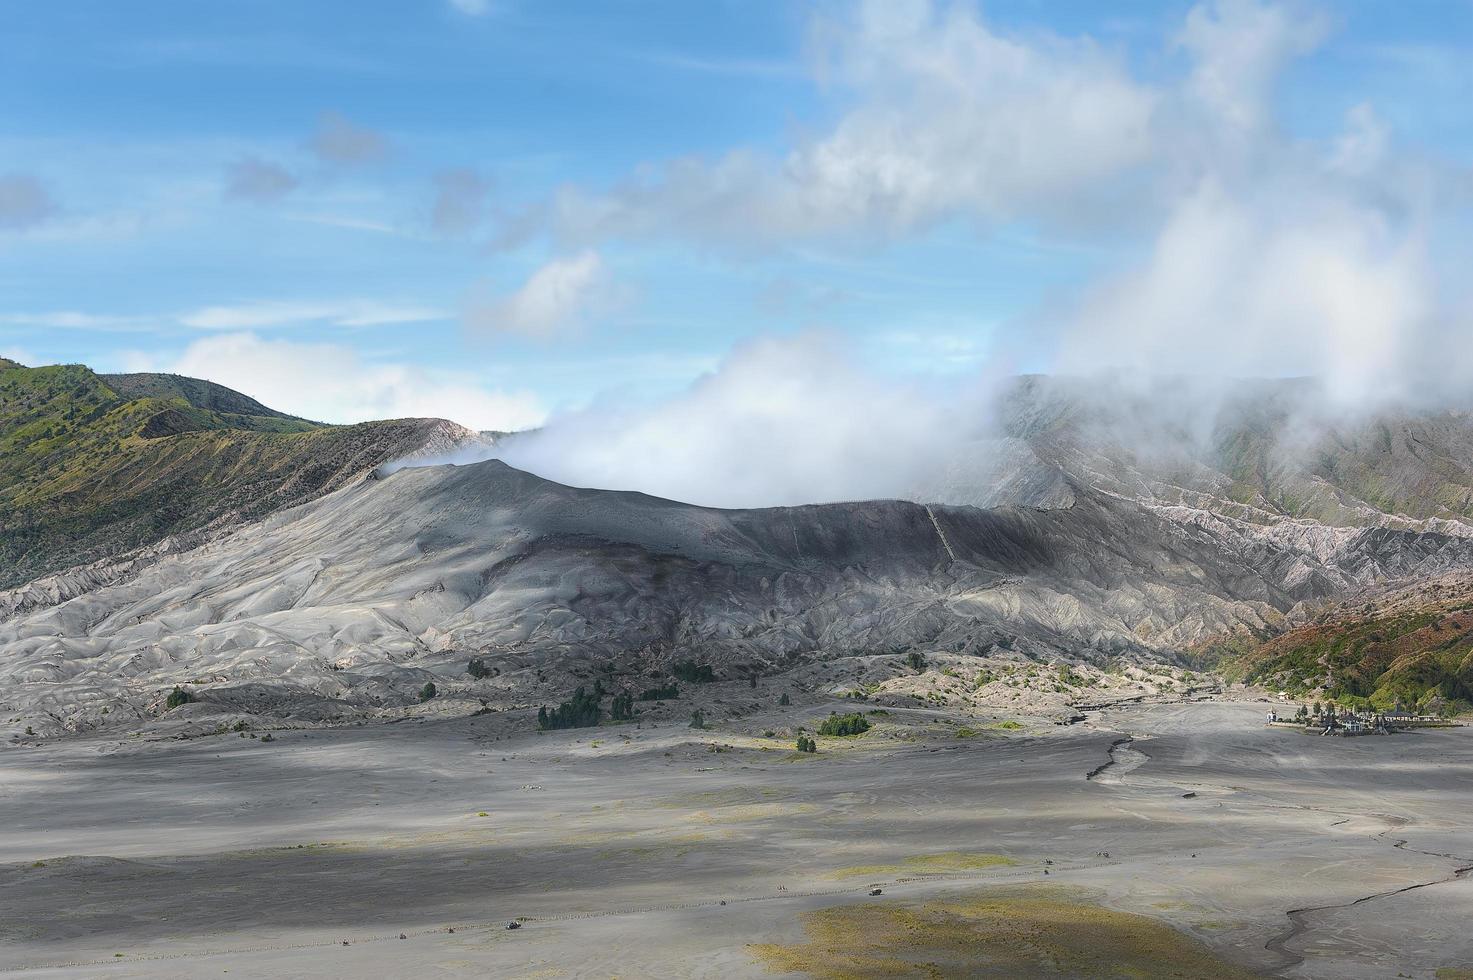 Mount Bromo i Indonesien foto